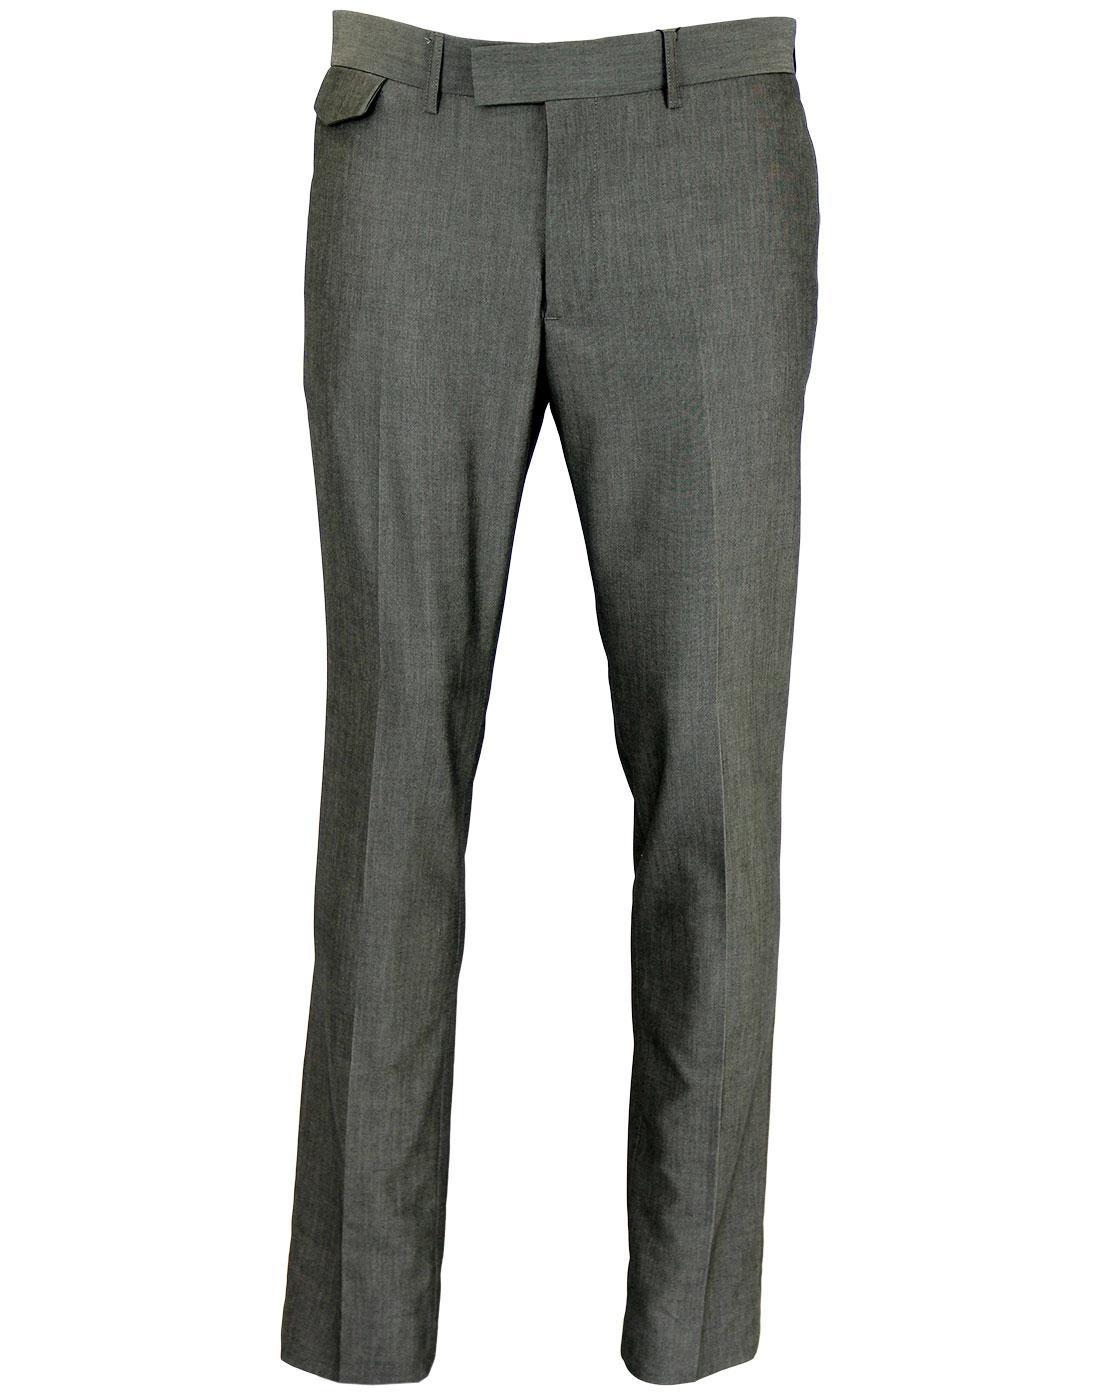 Not Guilty LUKE 1977 Mod Slim Leg Suit Trousers G